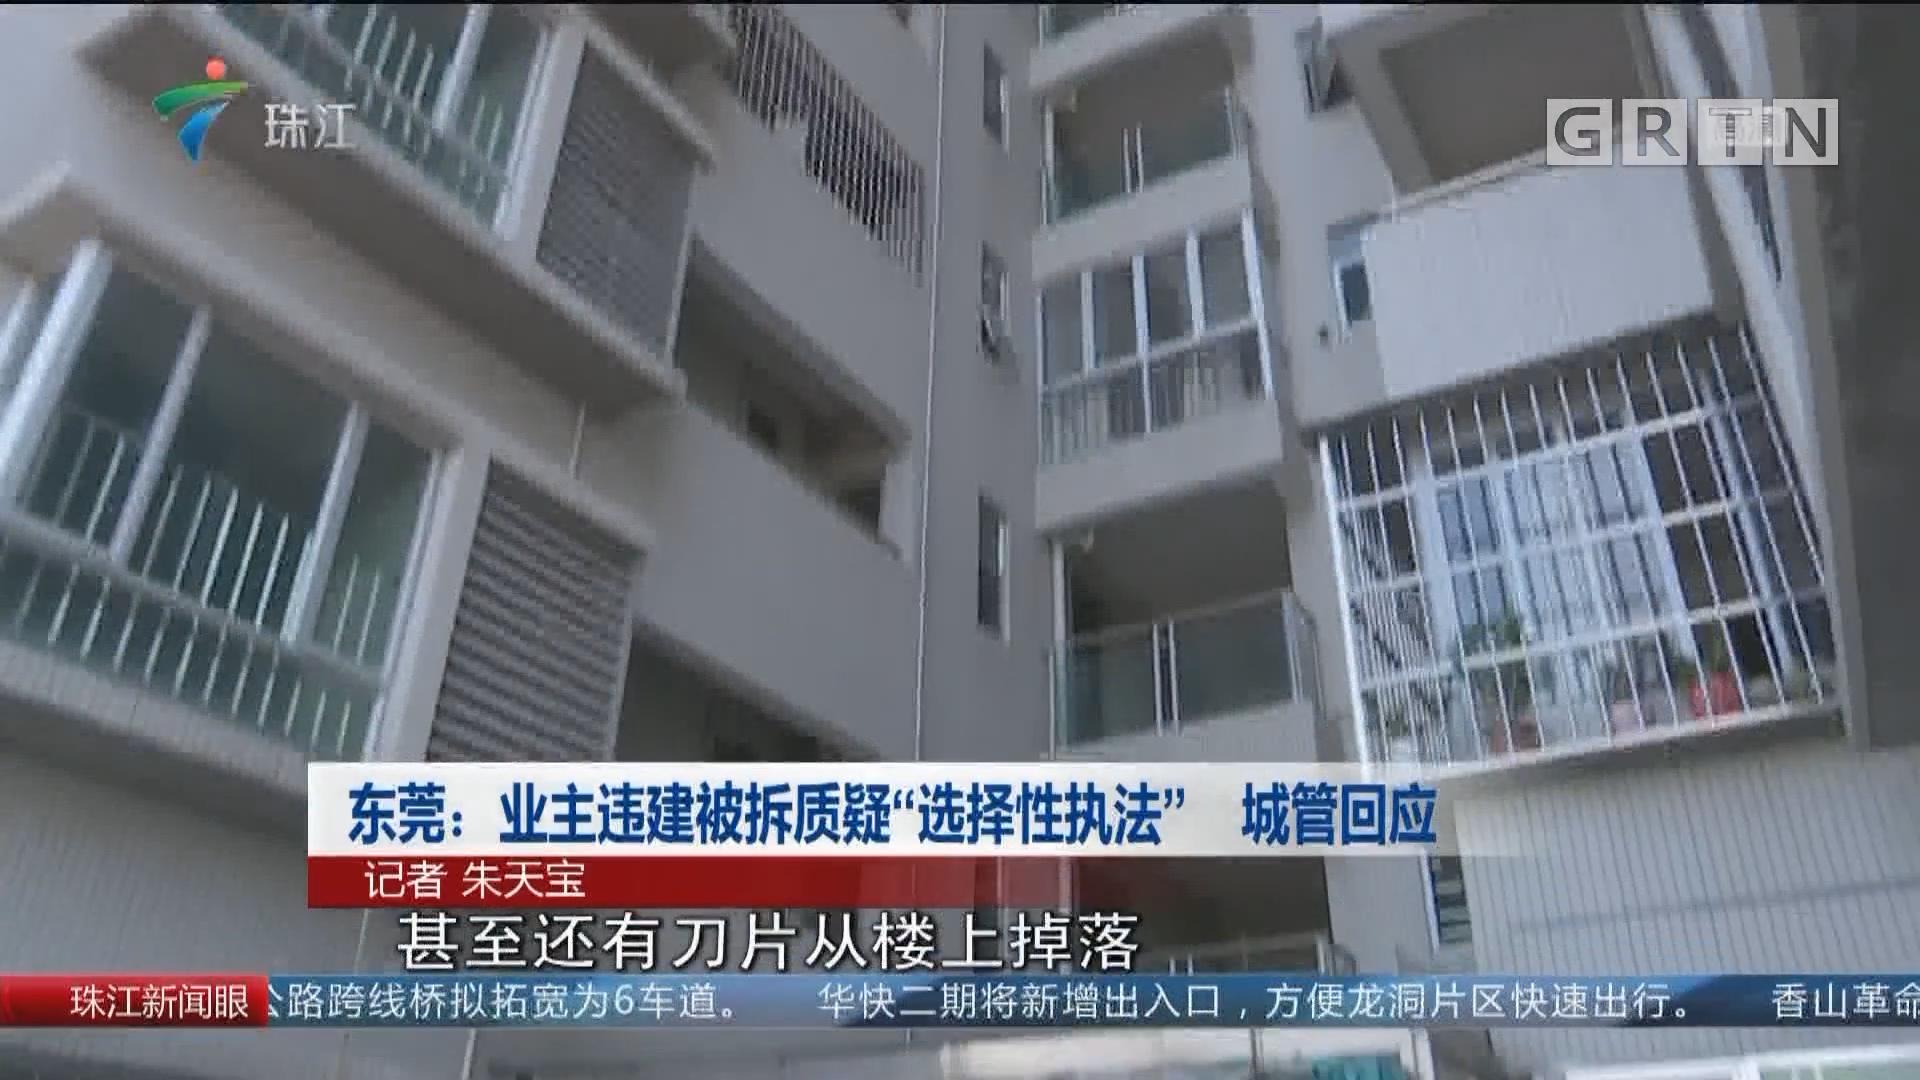 """东莞:业主违建被拆质疑""""选择性执法"""" 城管回应"""